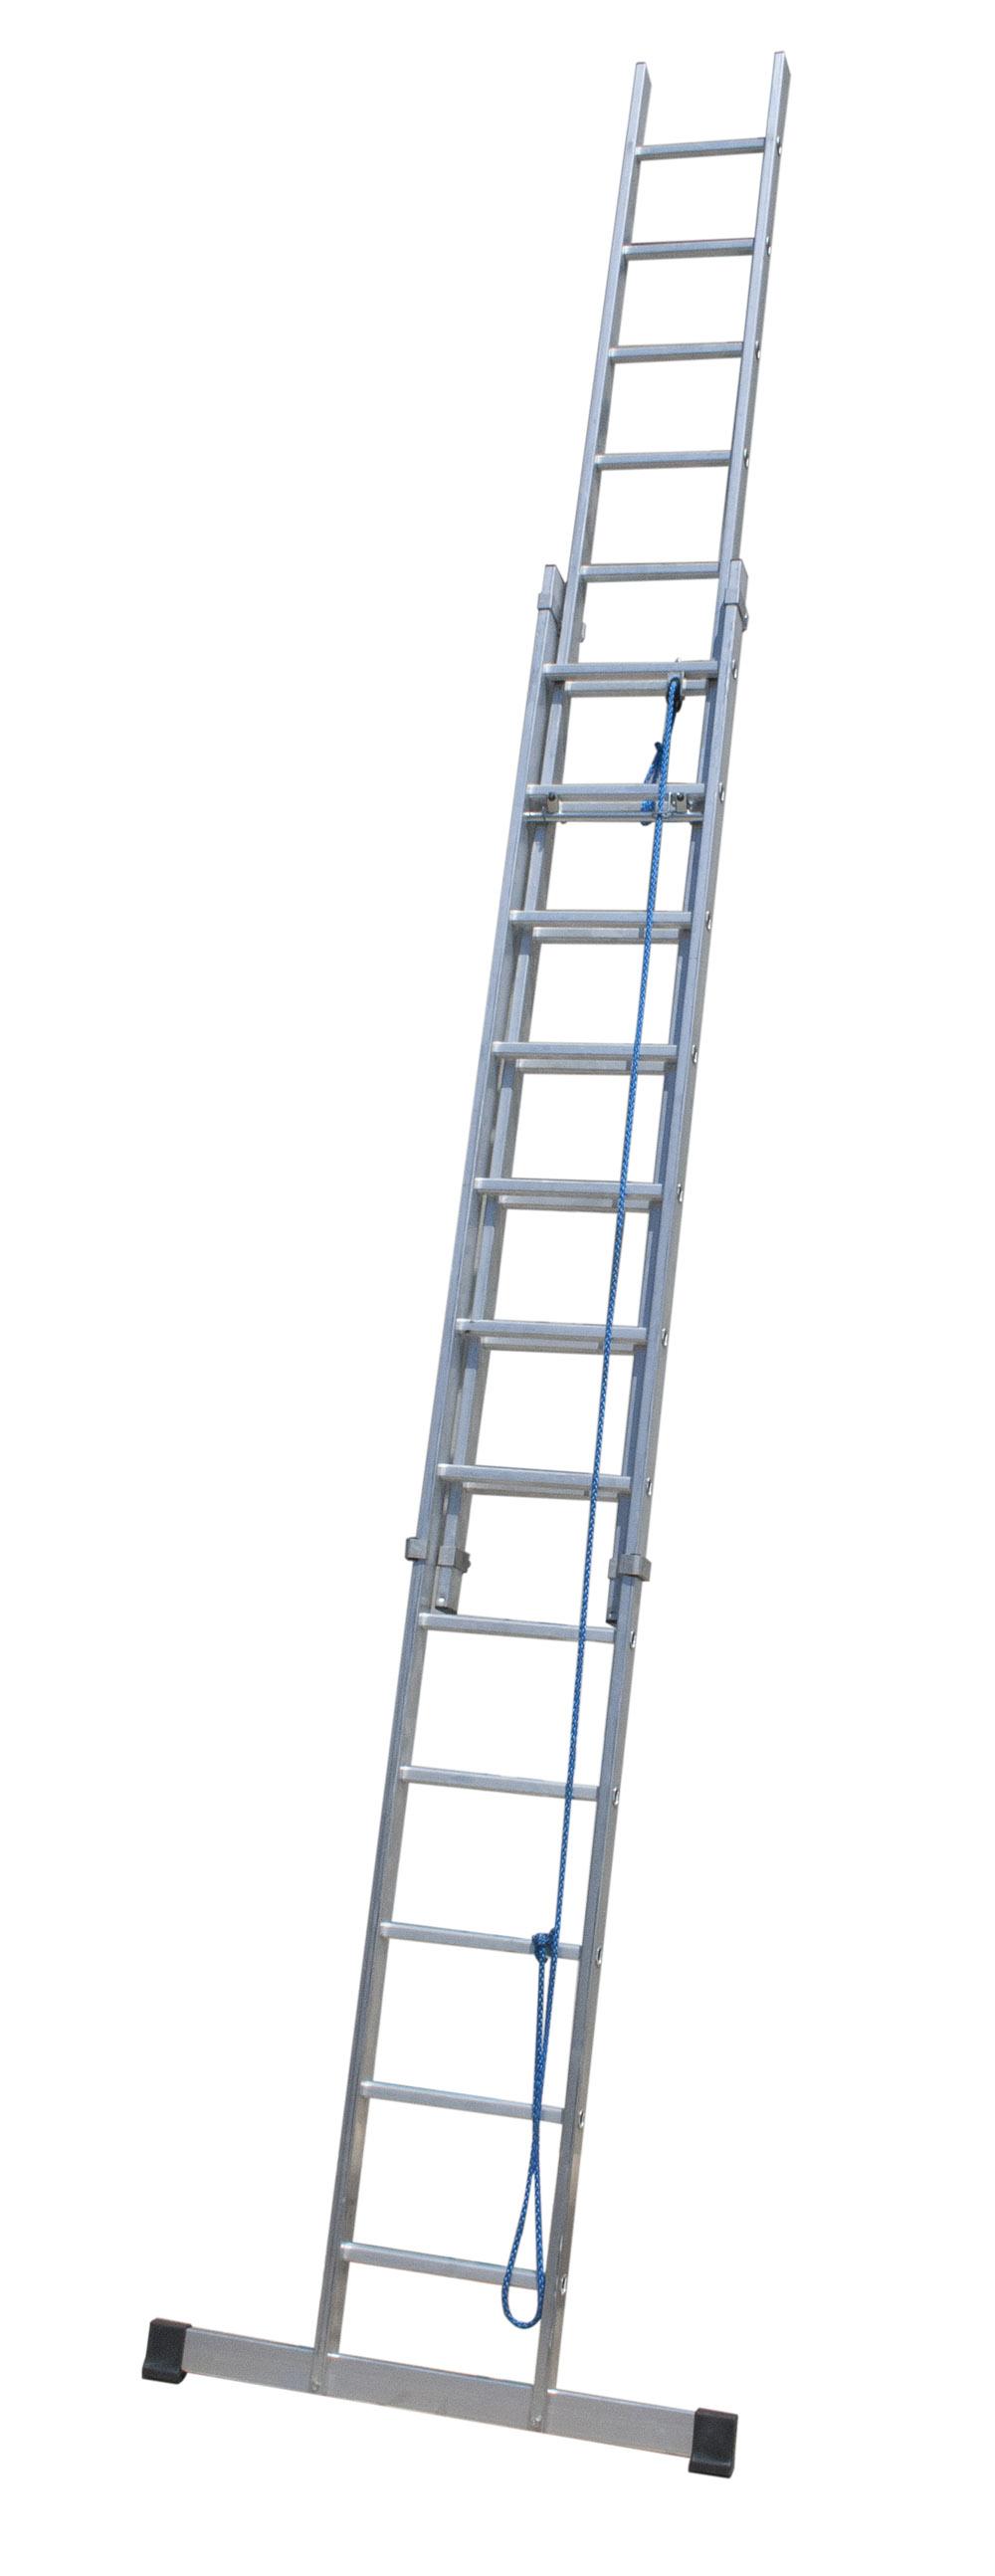 23222012-doble-ext-mecanica-sind-12peld escalera doble extensión mecánica Échelle à coulisse à corde 2 plans 23222012 doble ext mecanica sind 12peld